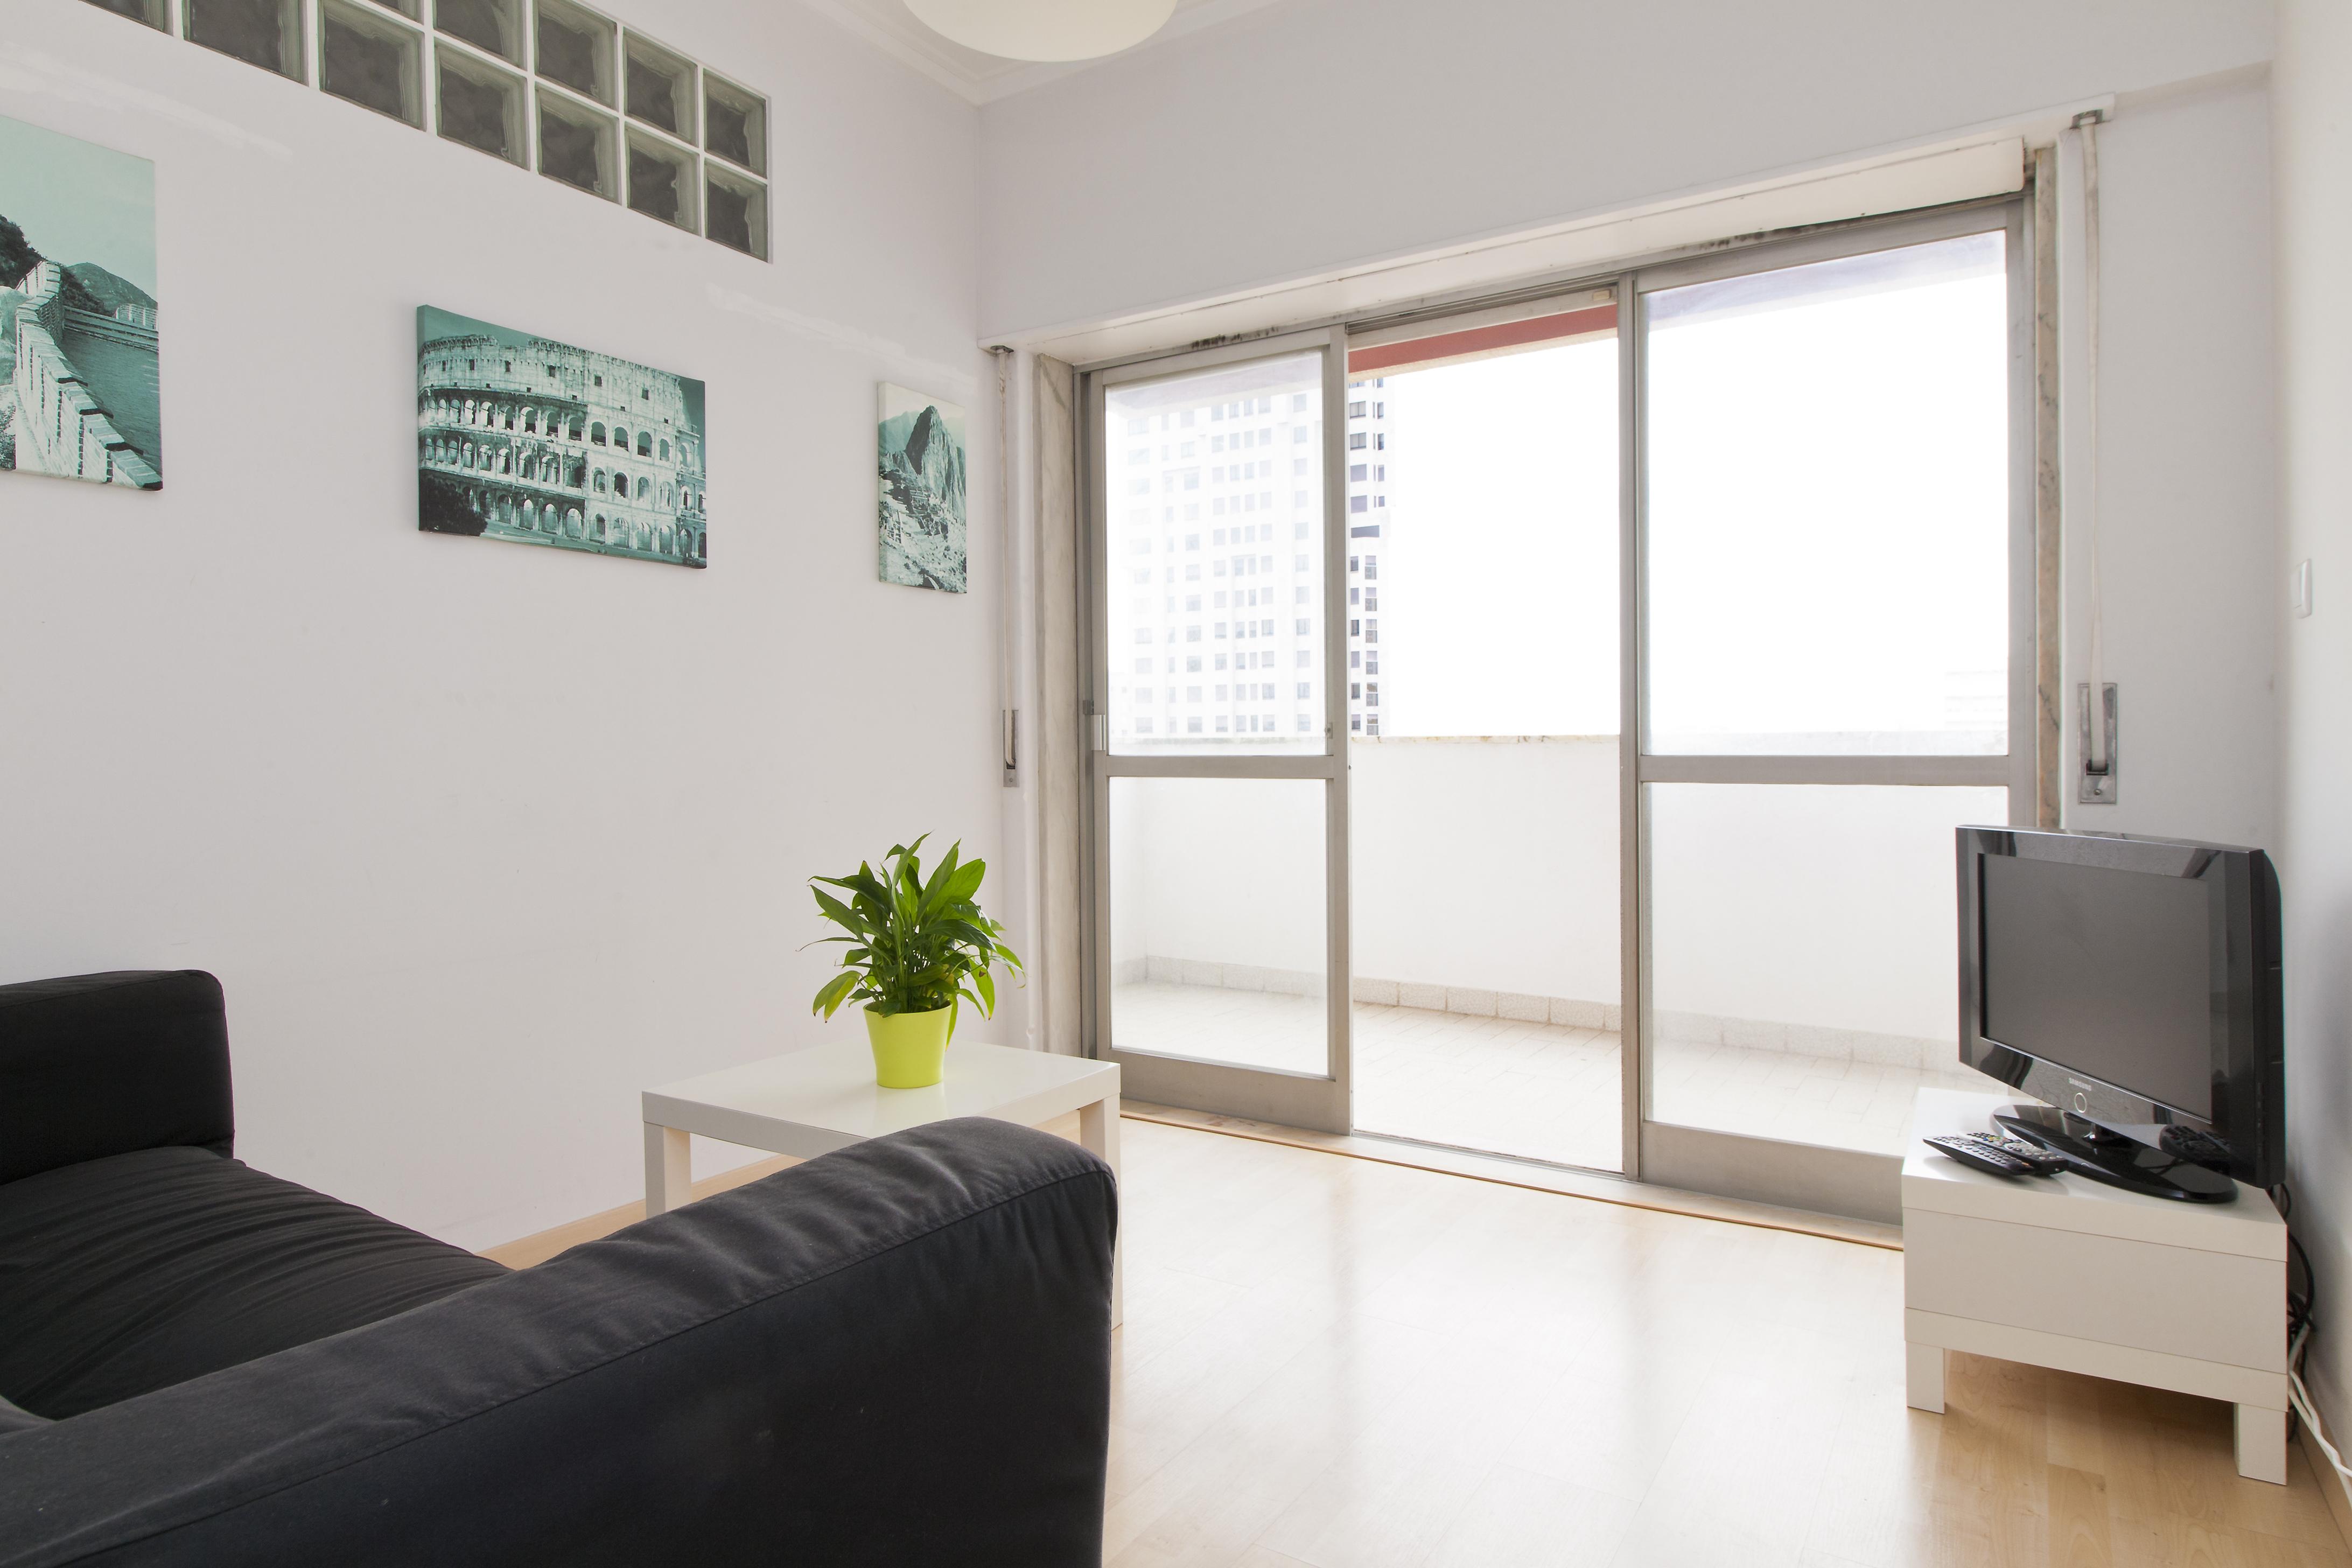 AE - Areeiro - Sala Tv e varanda - Foto 1.jpg